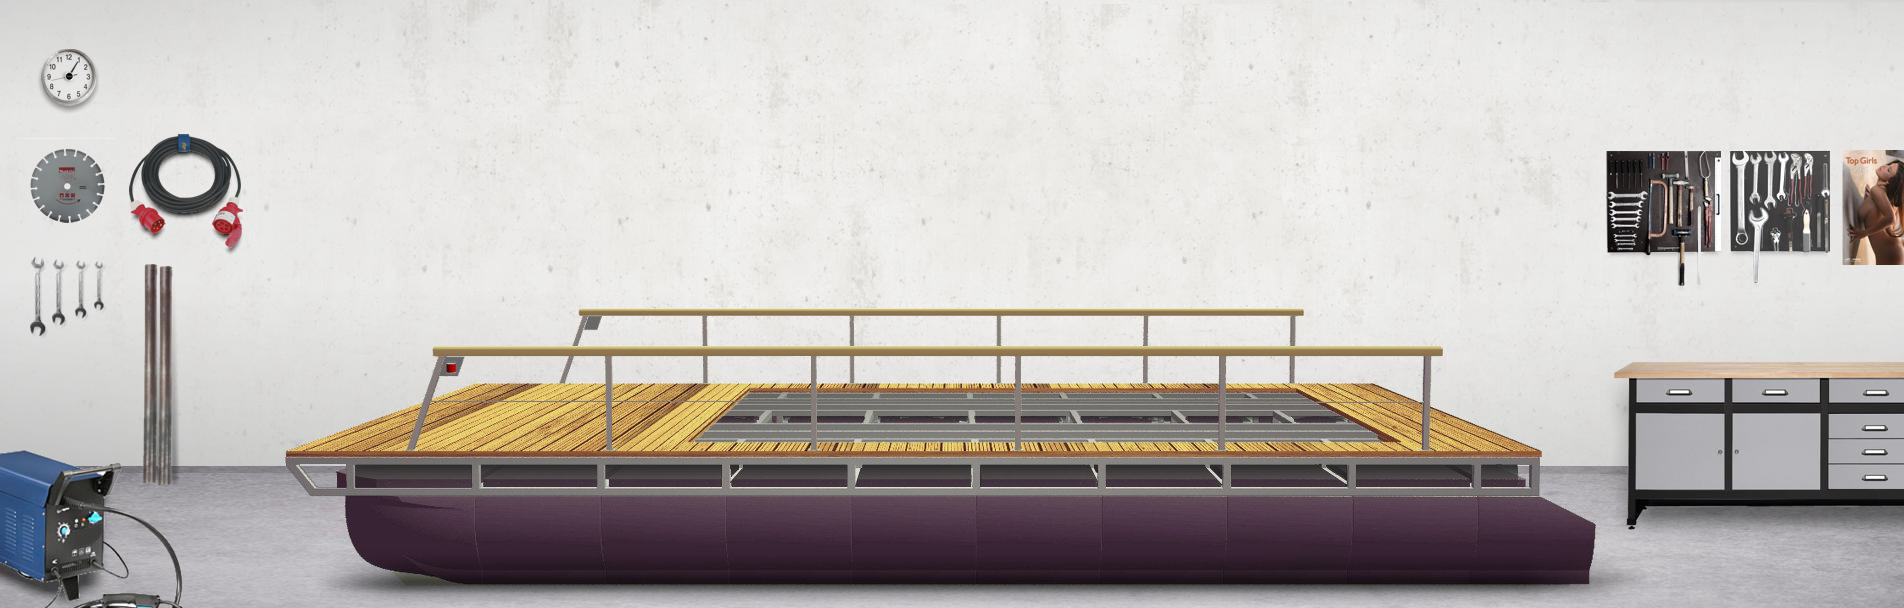 gelaender-hausboot